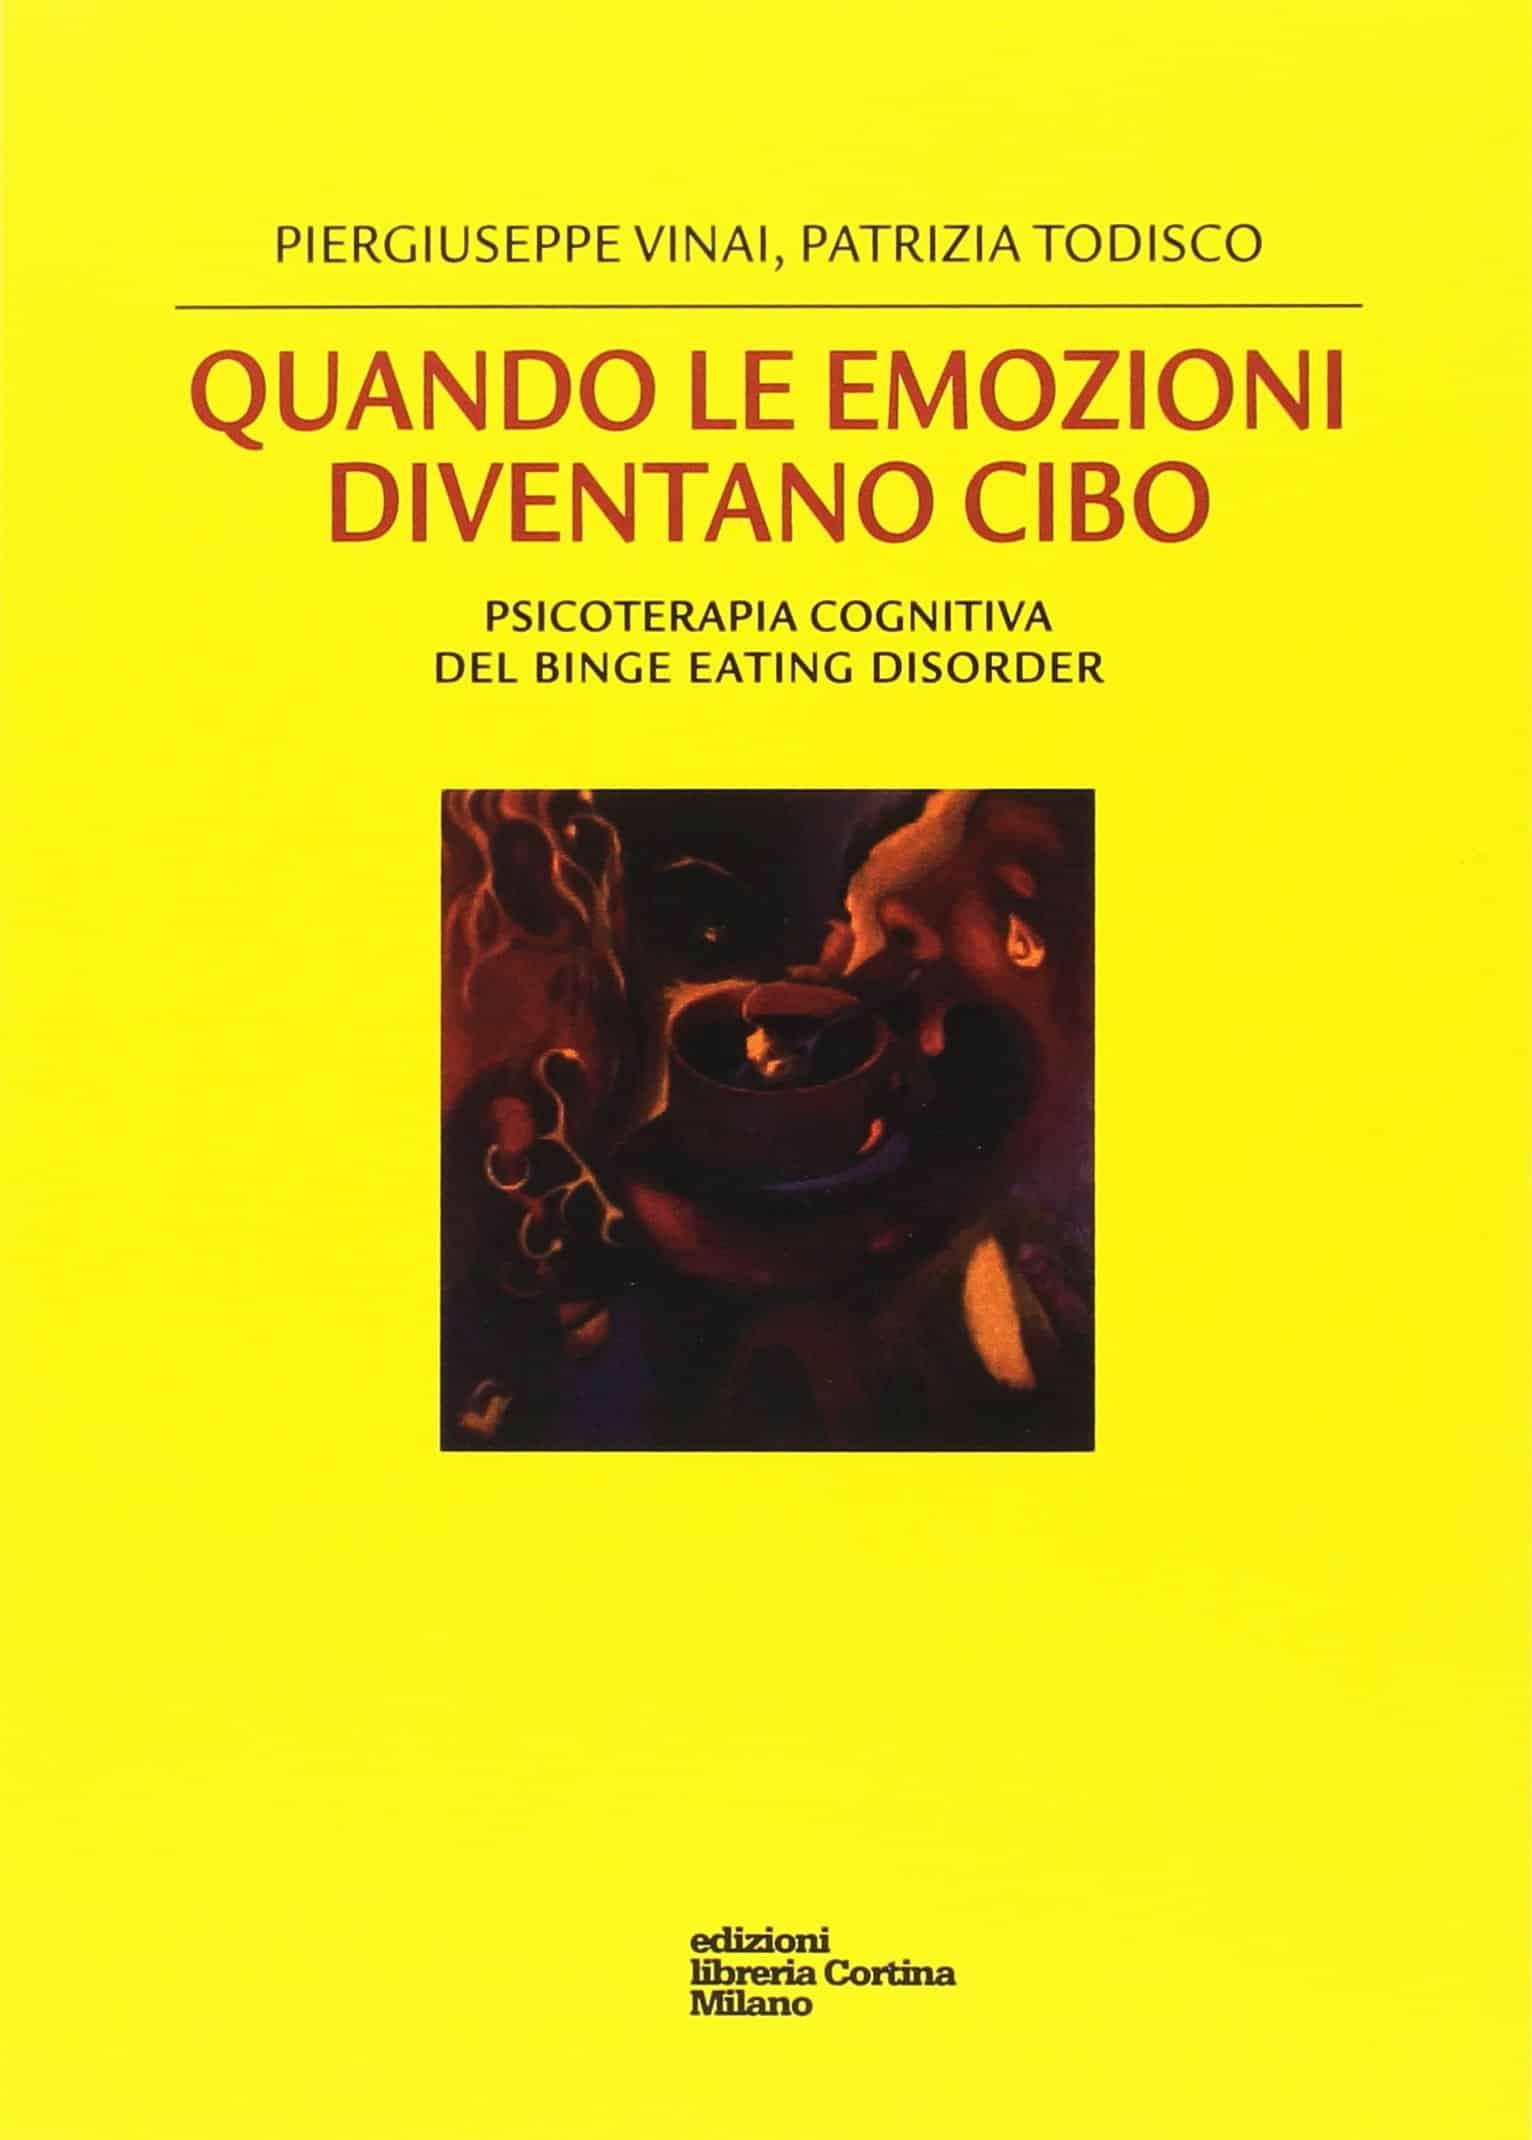 Quando le emozioni diventano cibo. Psicoterapia cognitiva del binge eating disorder (2007) di Vinai e Todisco – Recensione del libro